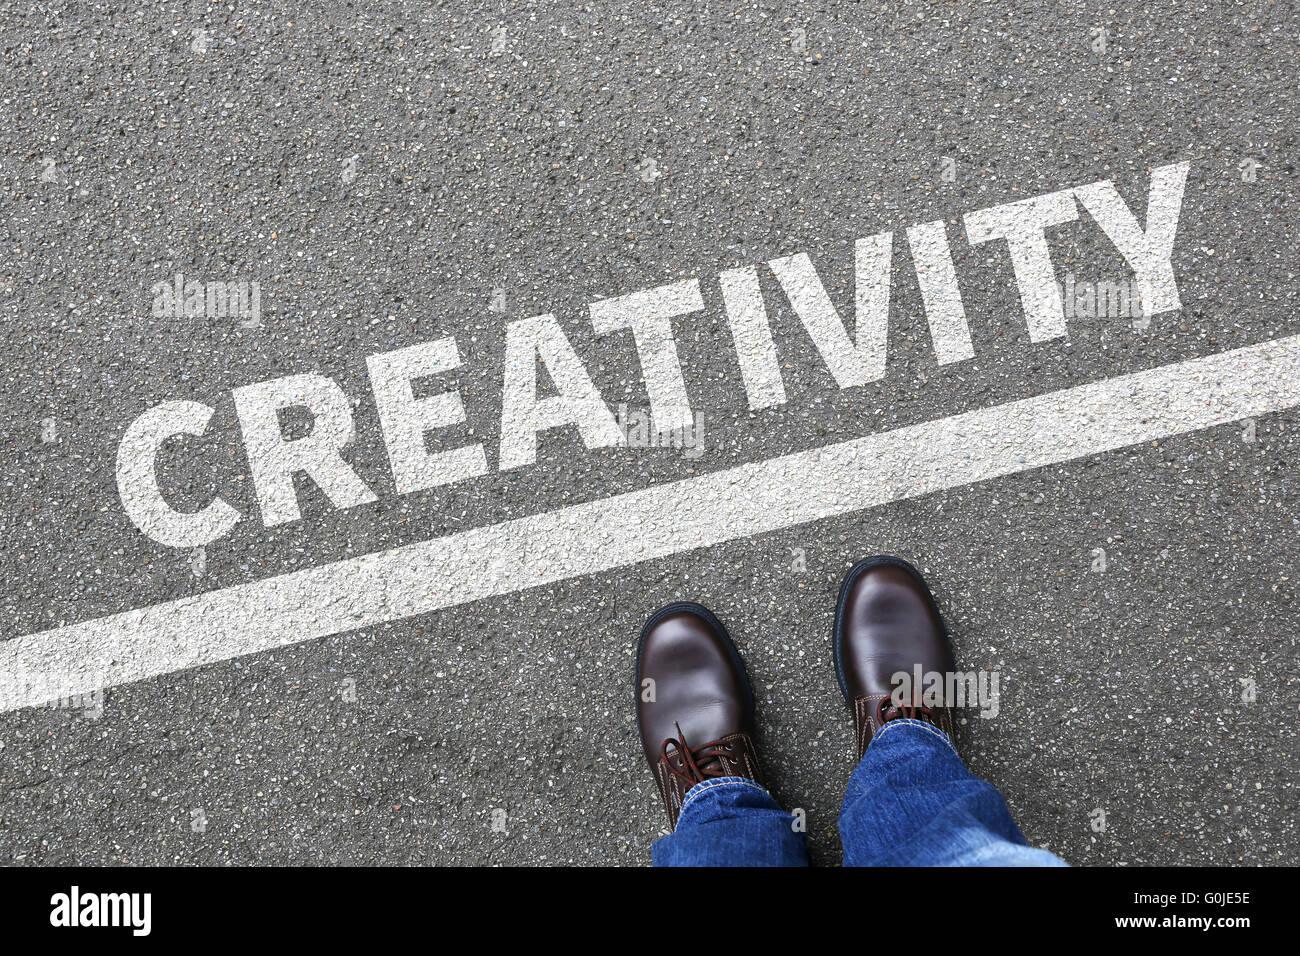 Kreativität kreativ vorstellen Phantasie denken Ideen Erfolg erfolgreicher Geschäftsmann Business Konzept Stockbild